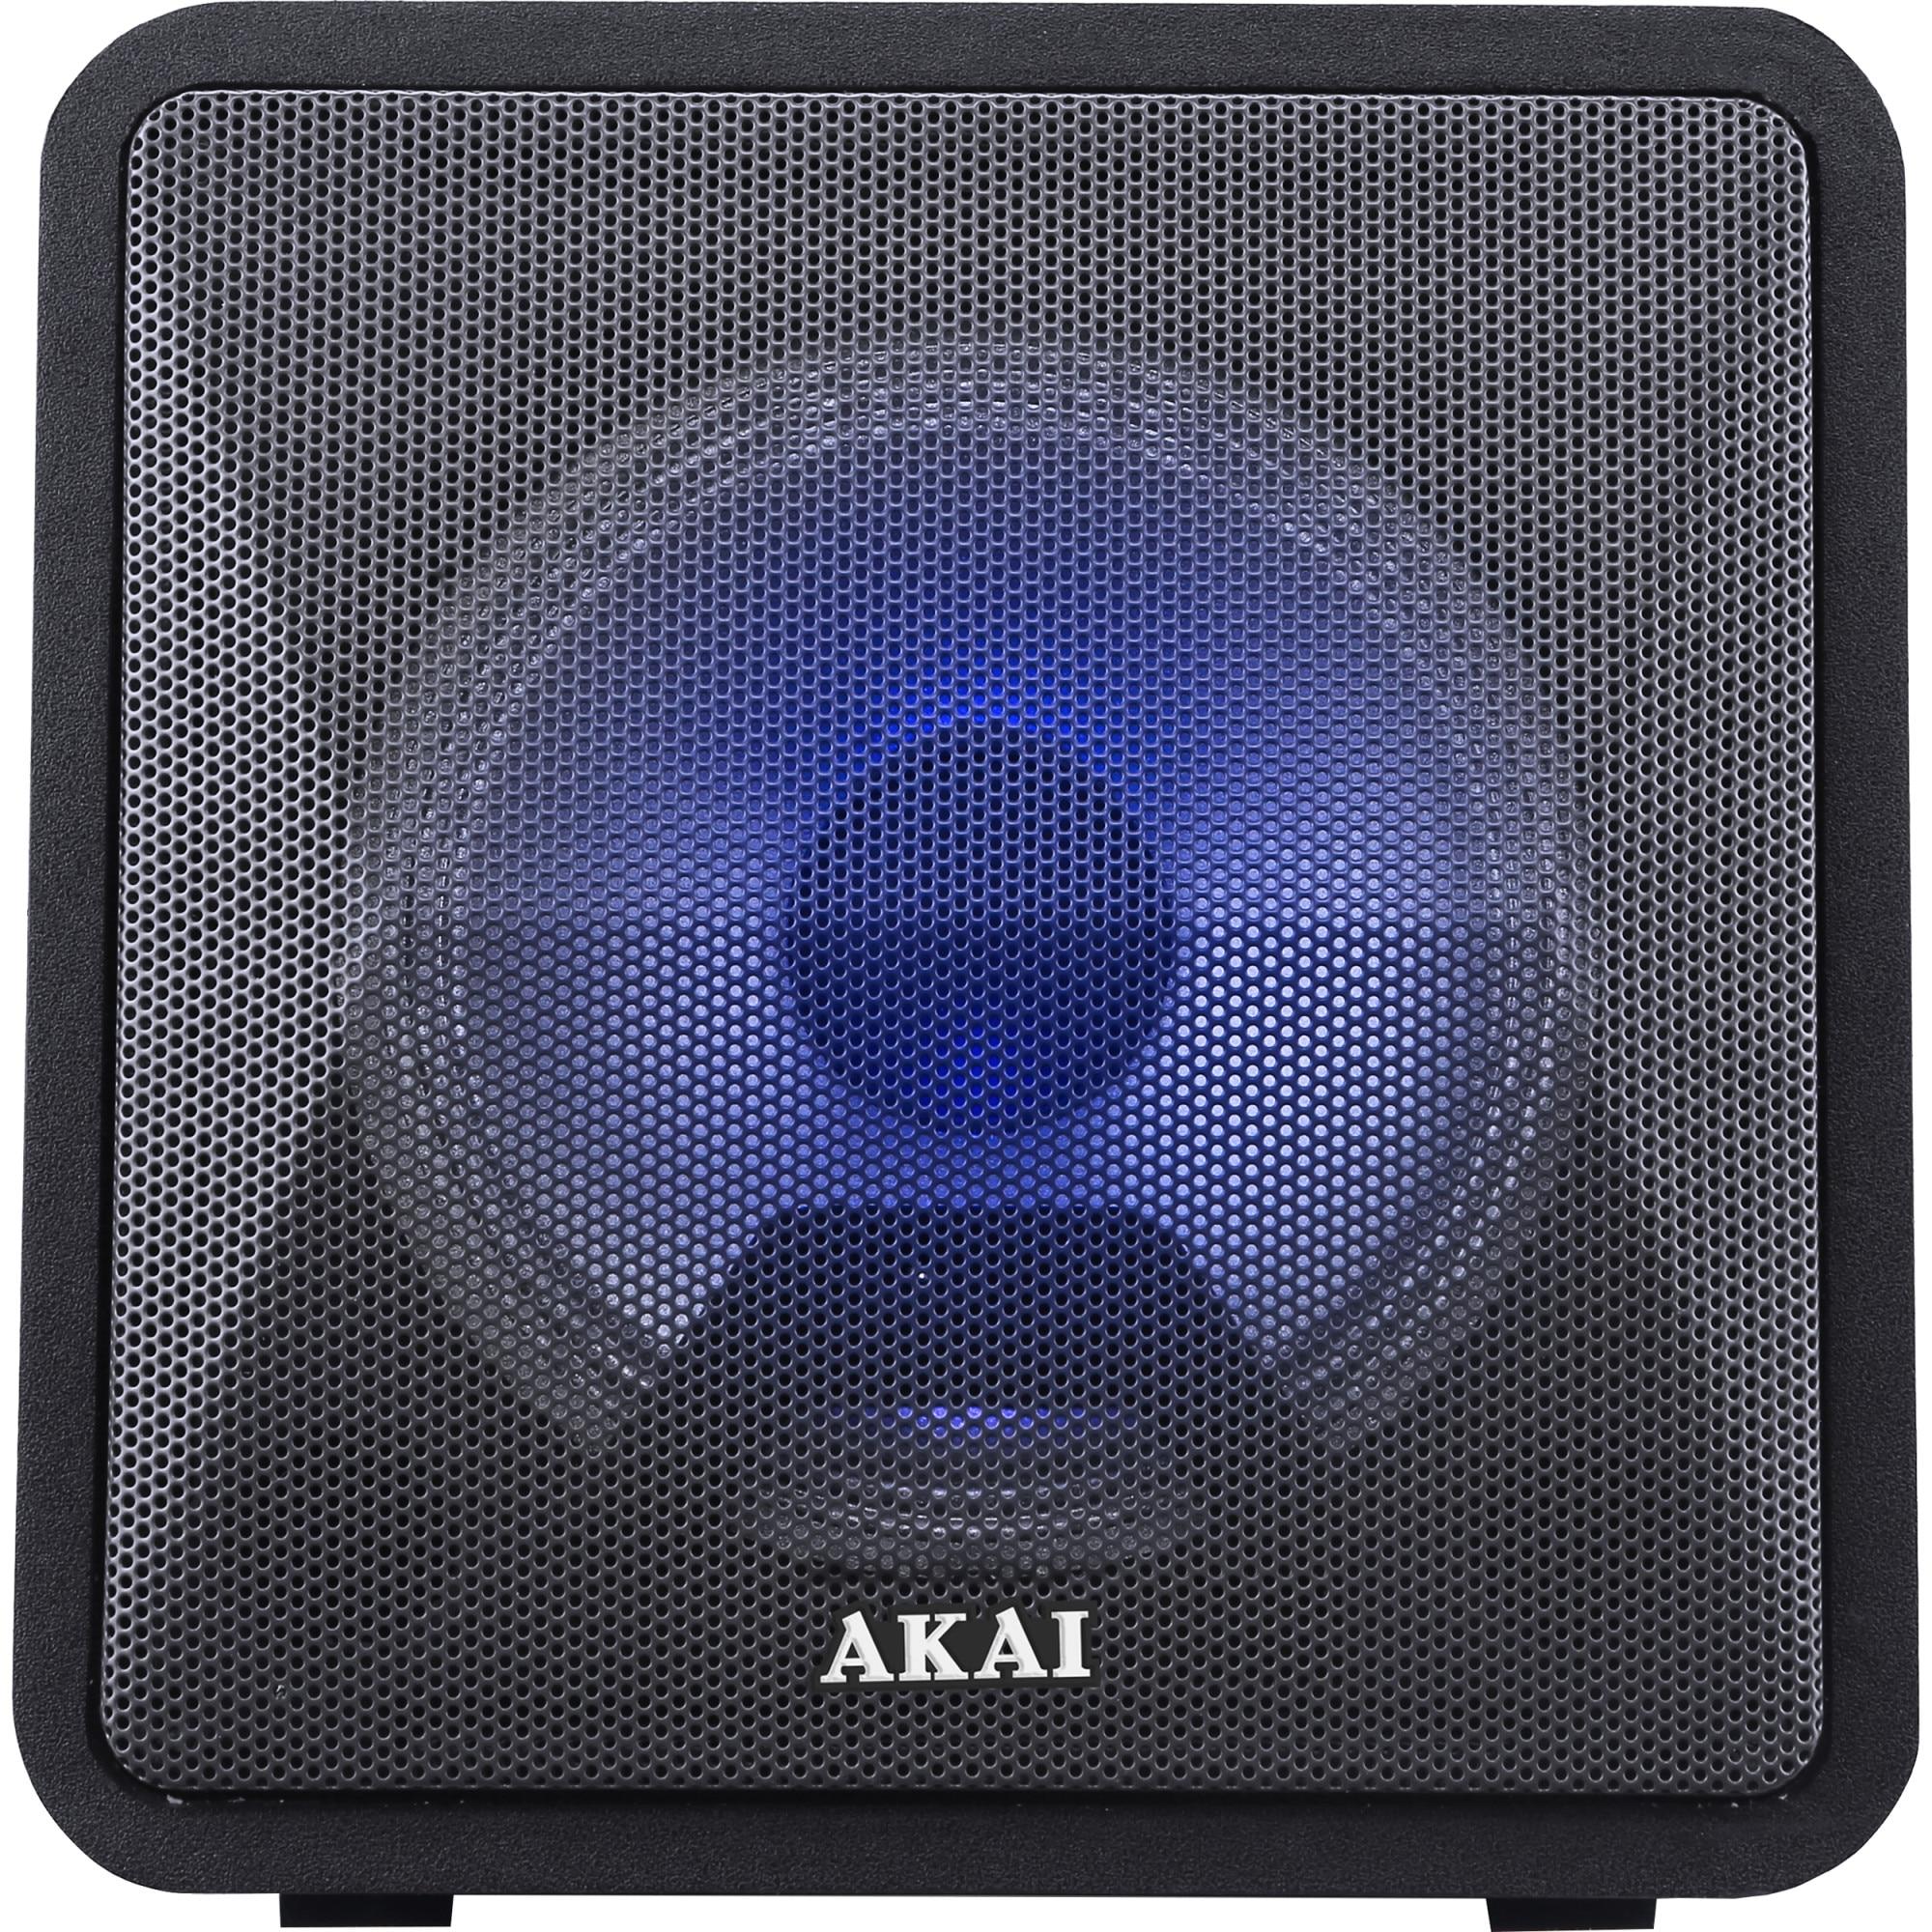 Fotografie Boxa portabila activa, AKAI ABTS-B6, Bluetooth 5.0